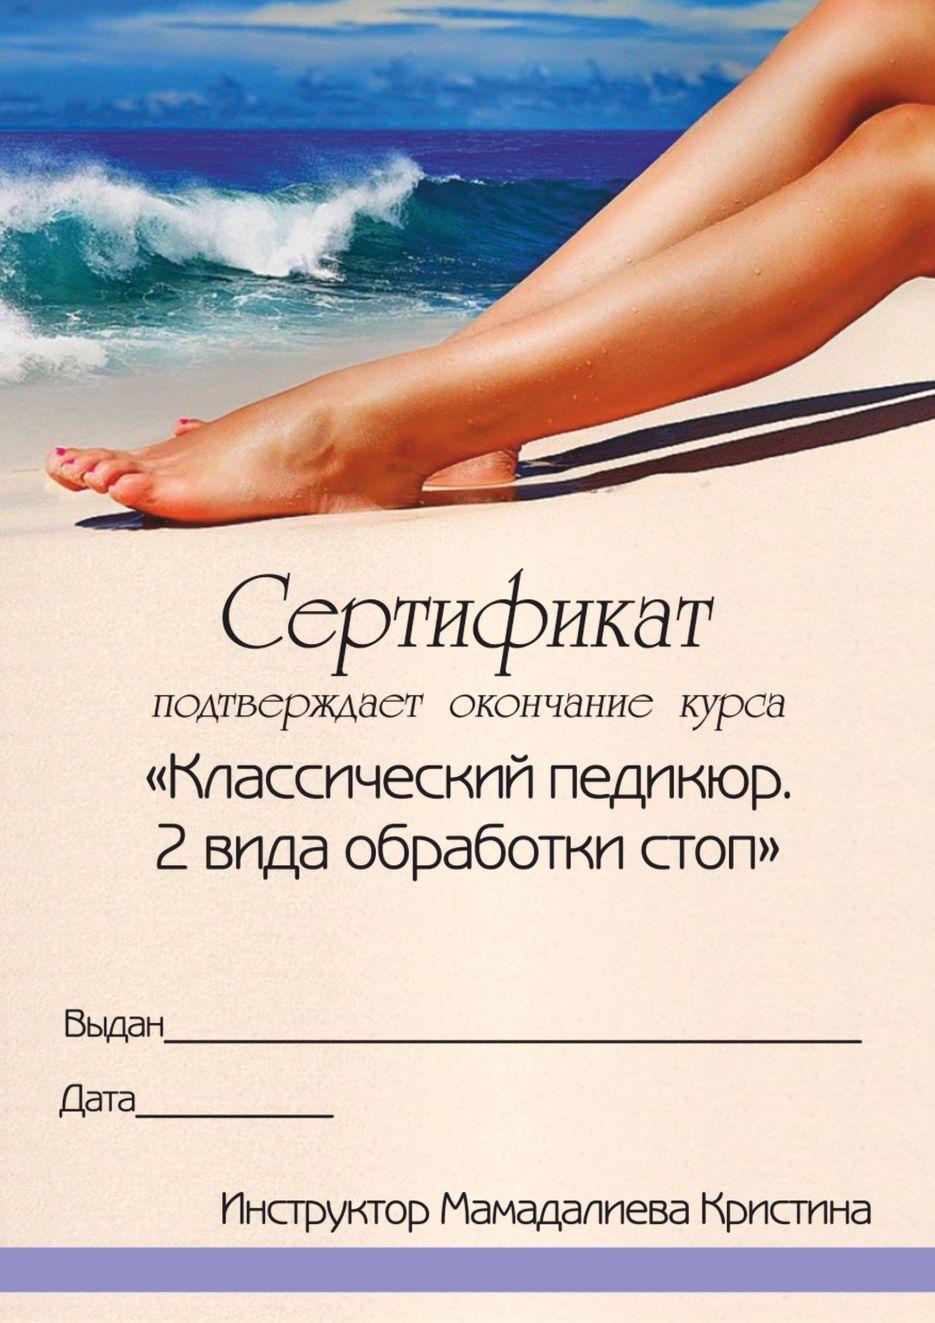 показаны некоторые сертификат ногти фото были